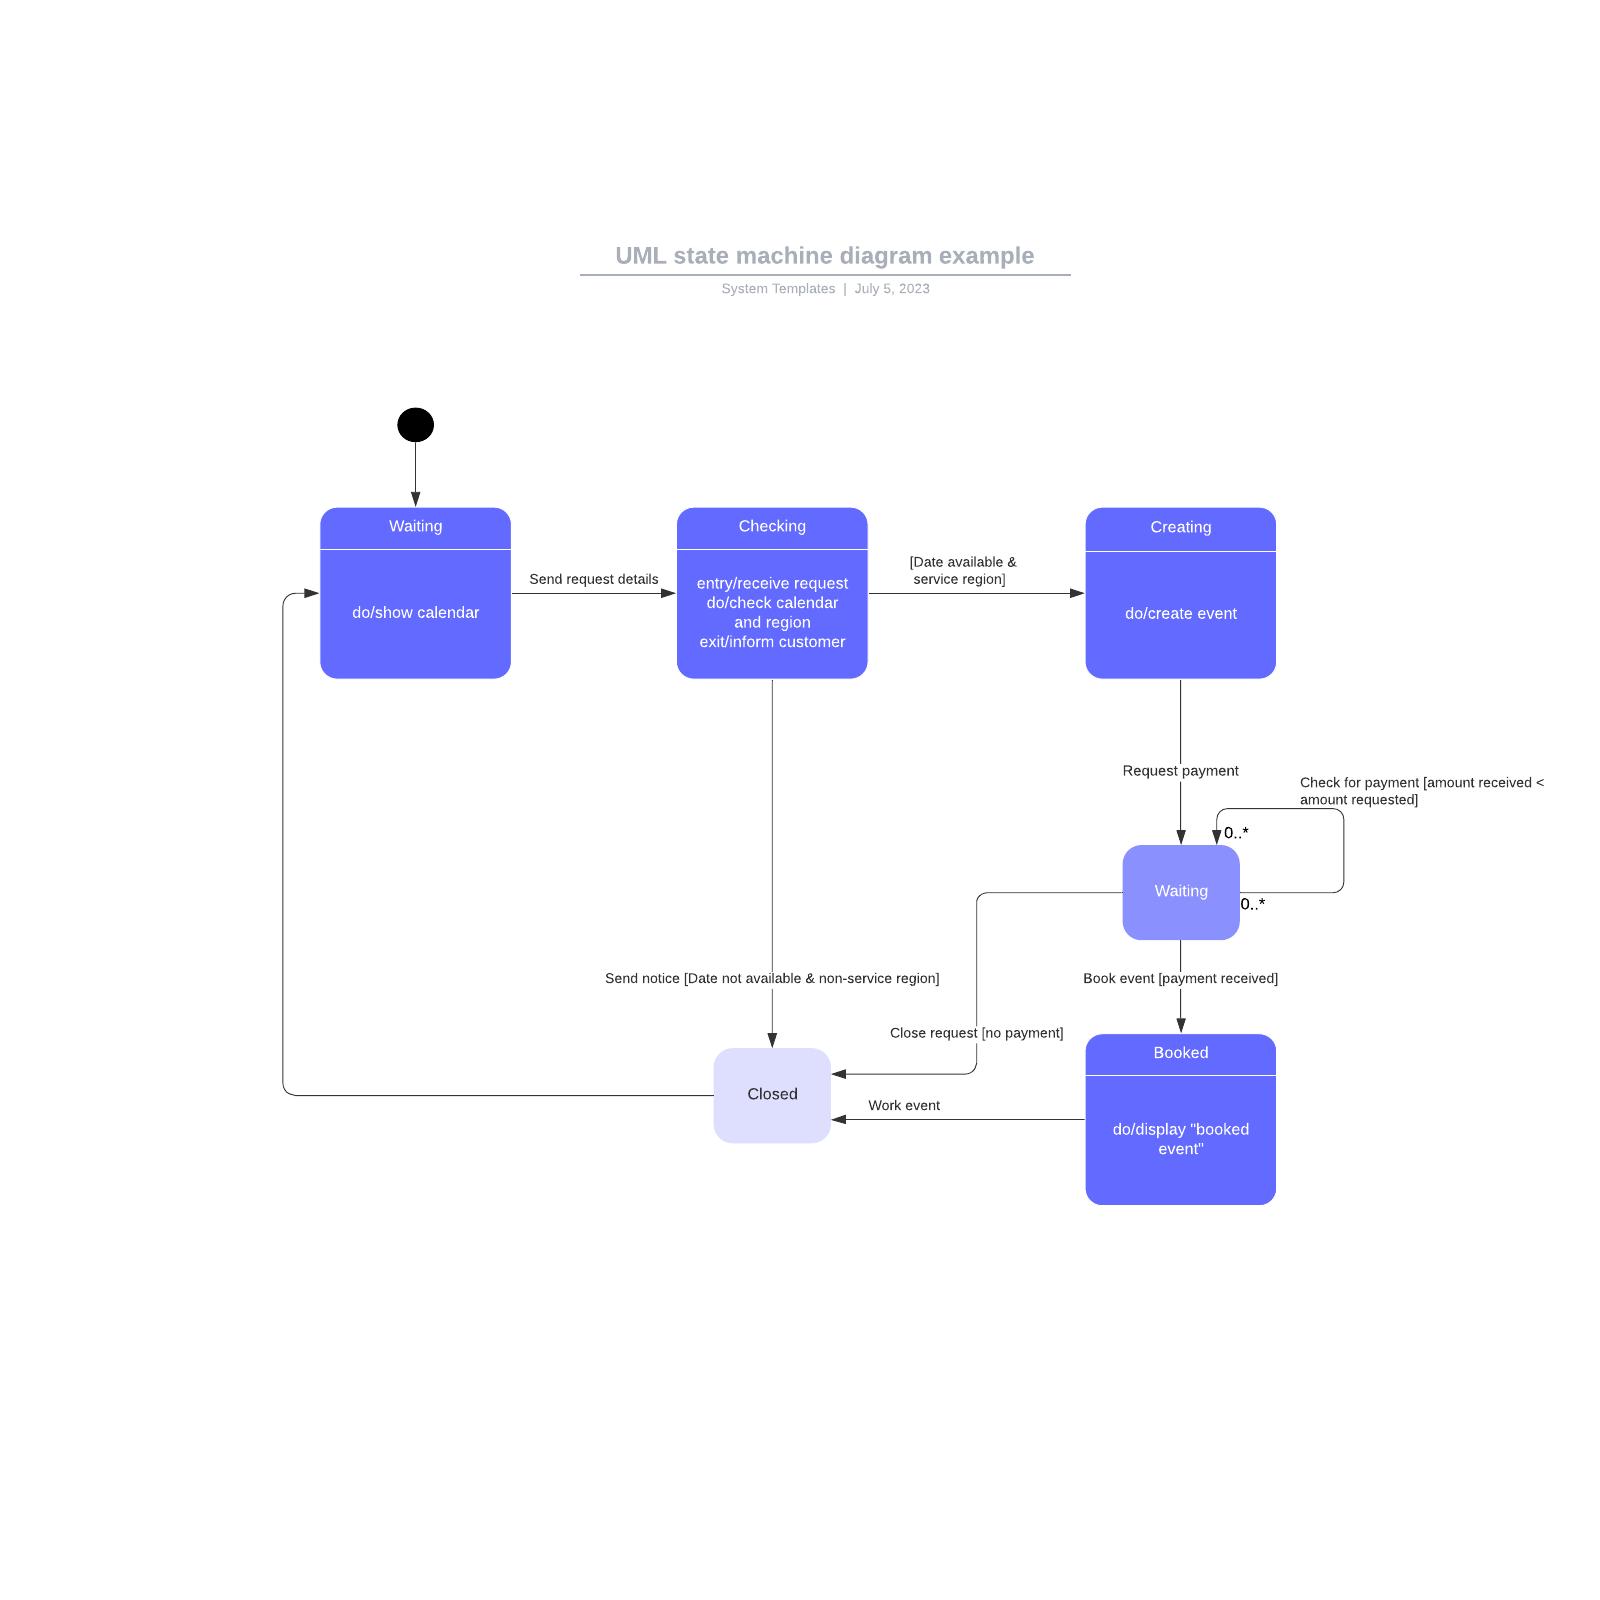 UML state machine diagram example